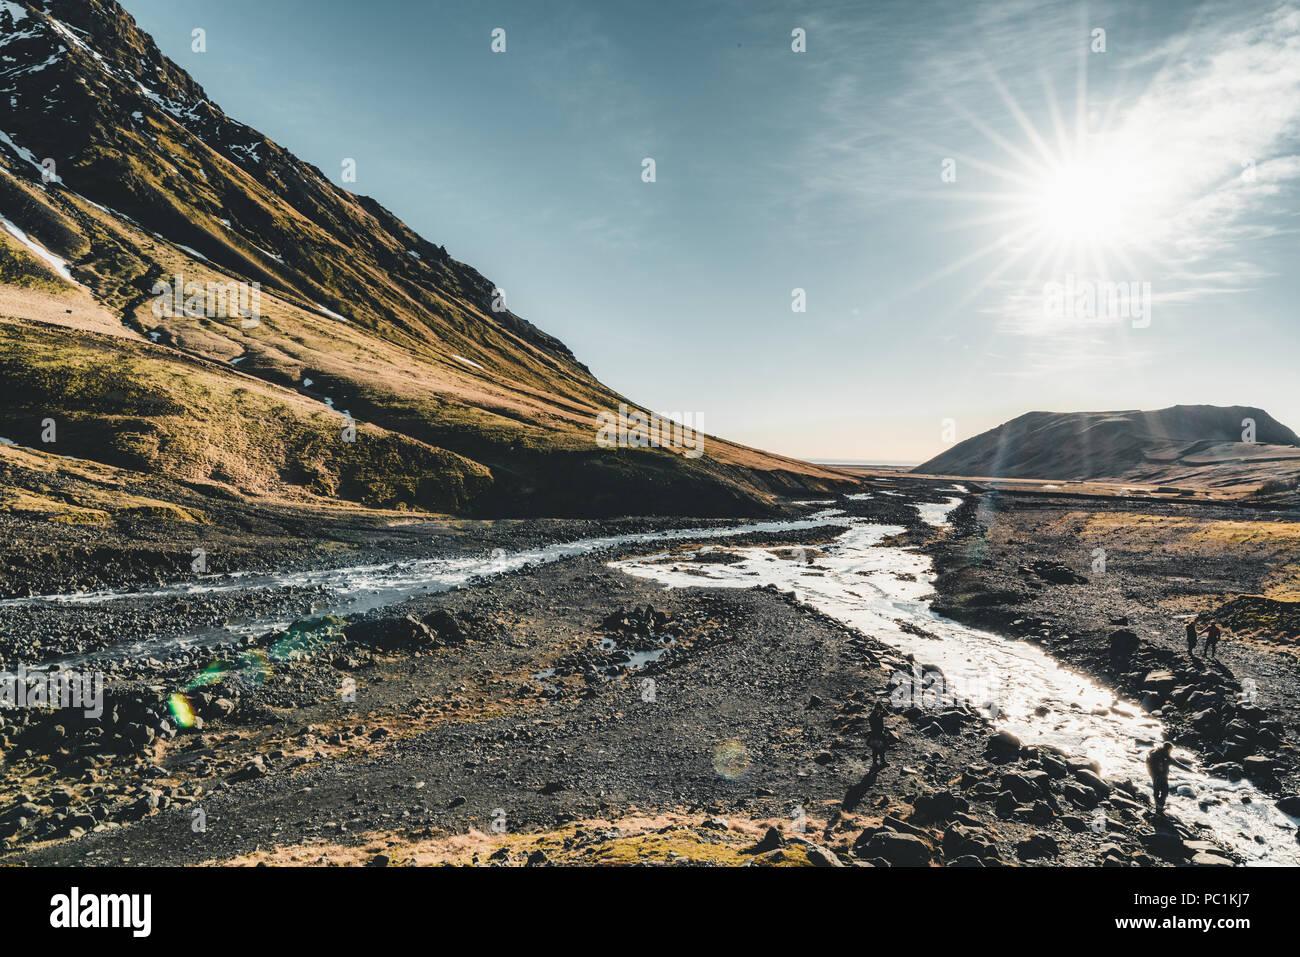 L'Islande vue fantastique sur le Paysage avec rivière et montagne avec ciel bleu sur une journée ensoleillée. Photo Stock